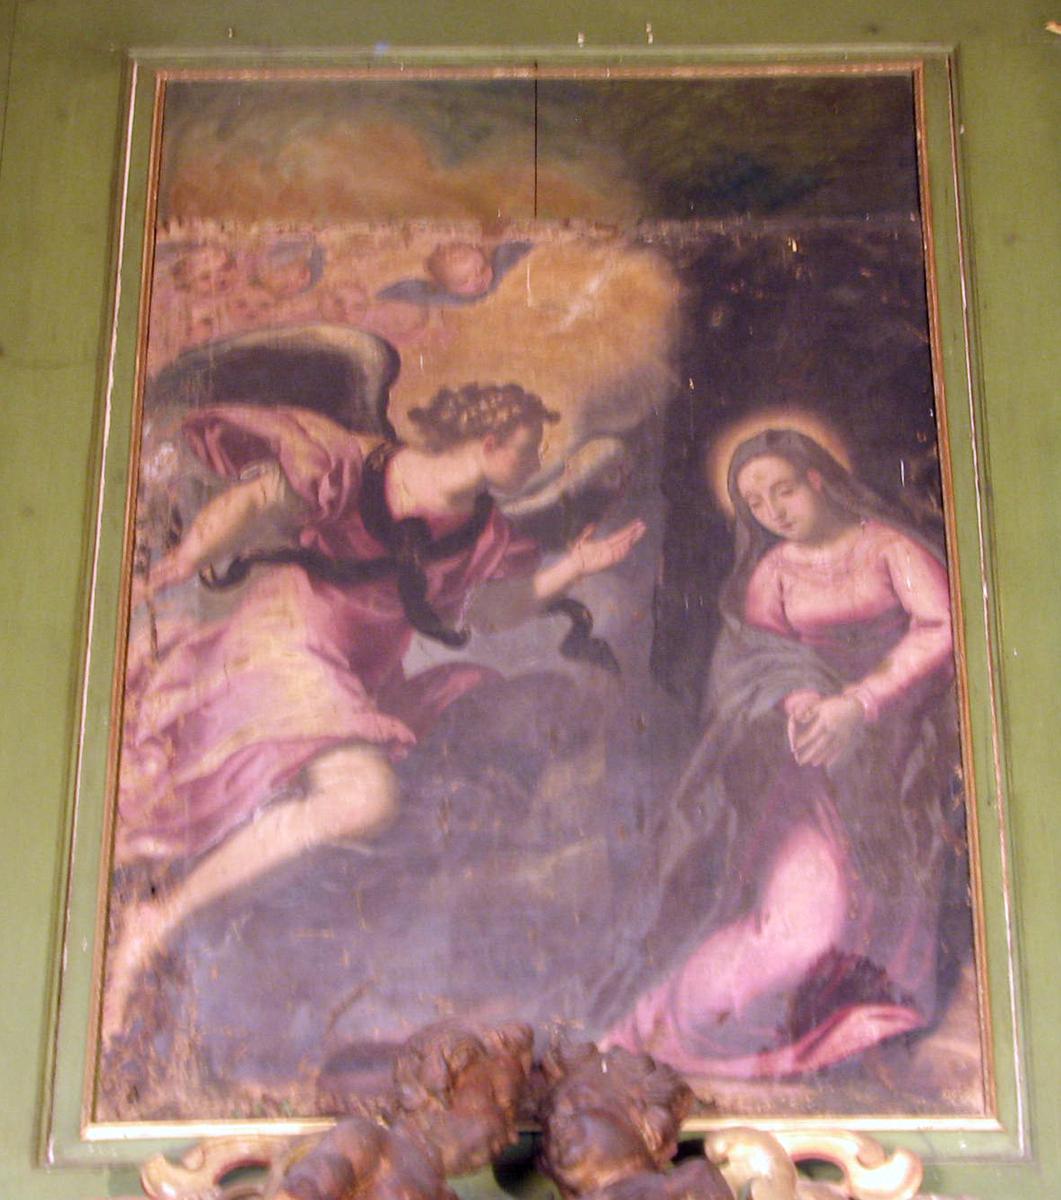 Bebudelsen; Maria m. glorie kneler tilh.; fiolett kjole, blå kappe; tilv. engelen, svevende, høyrev., utstrakt høyrehånd; småengler i lysglans.